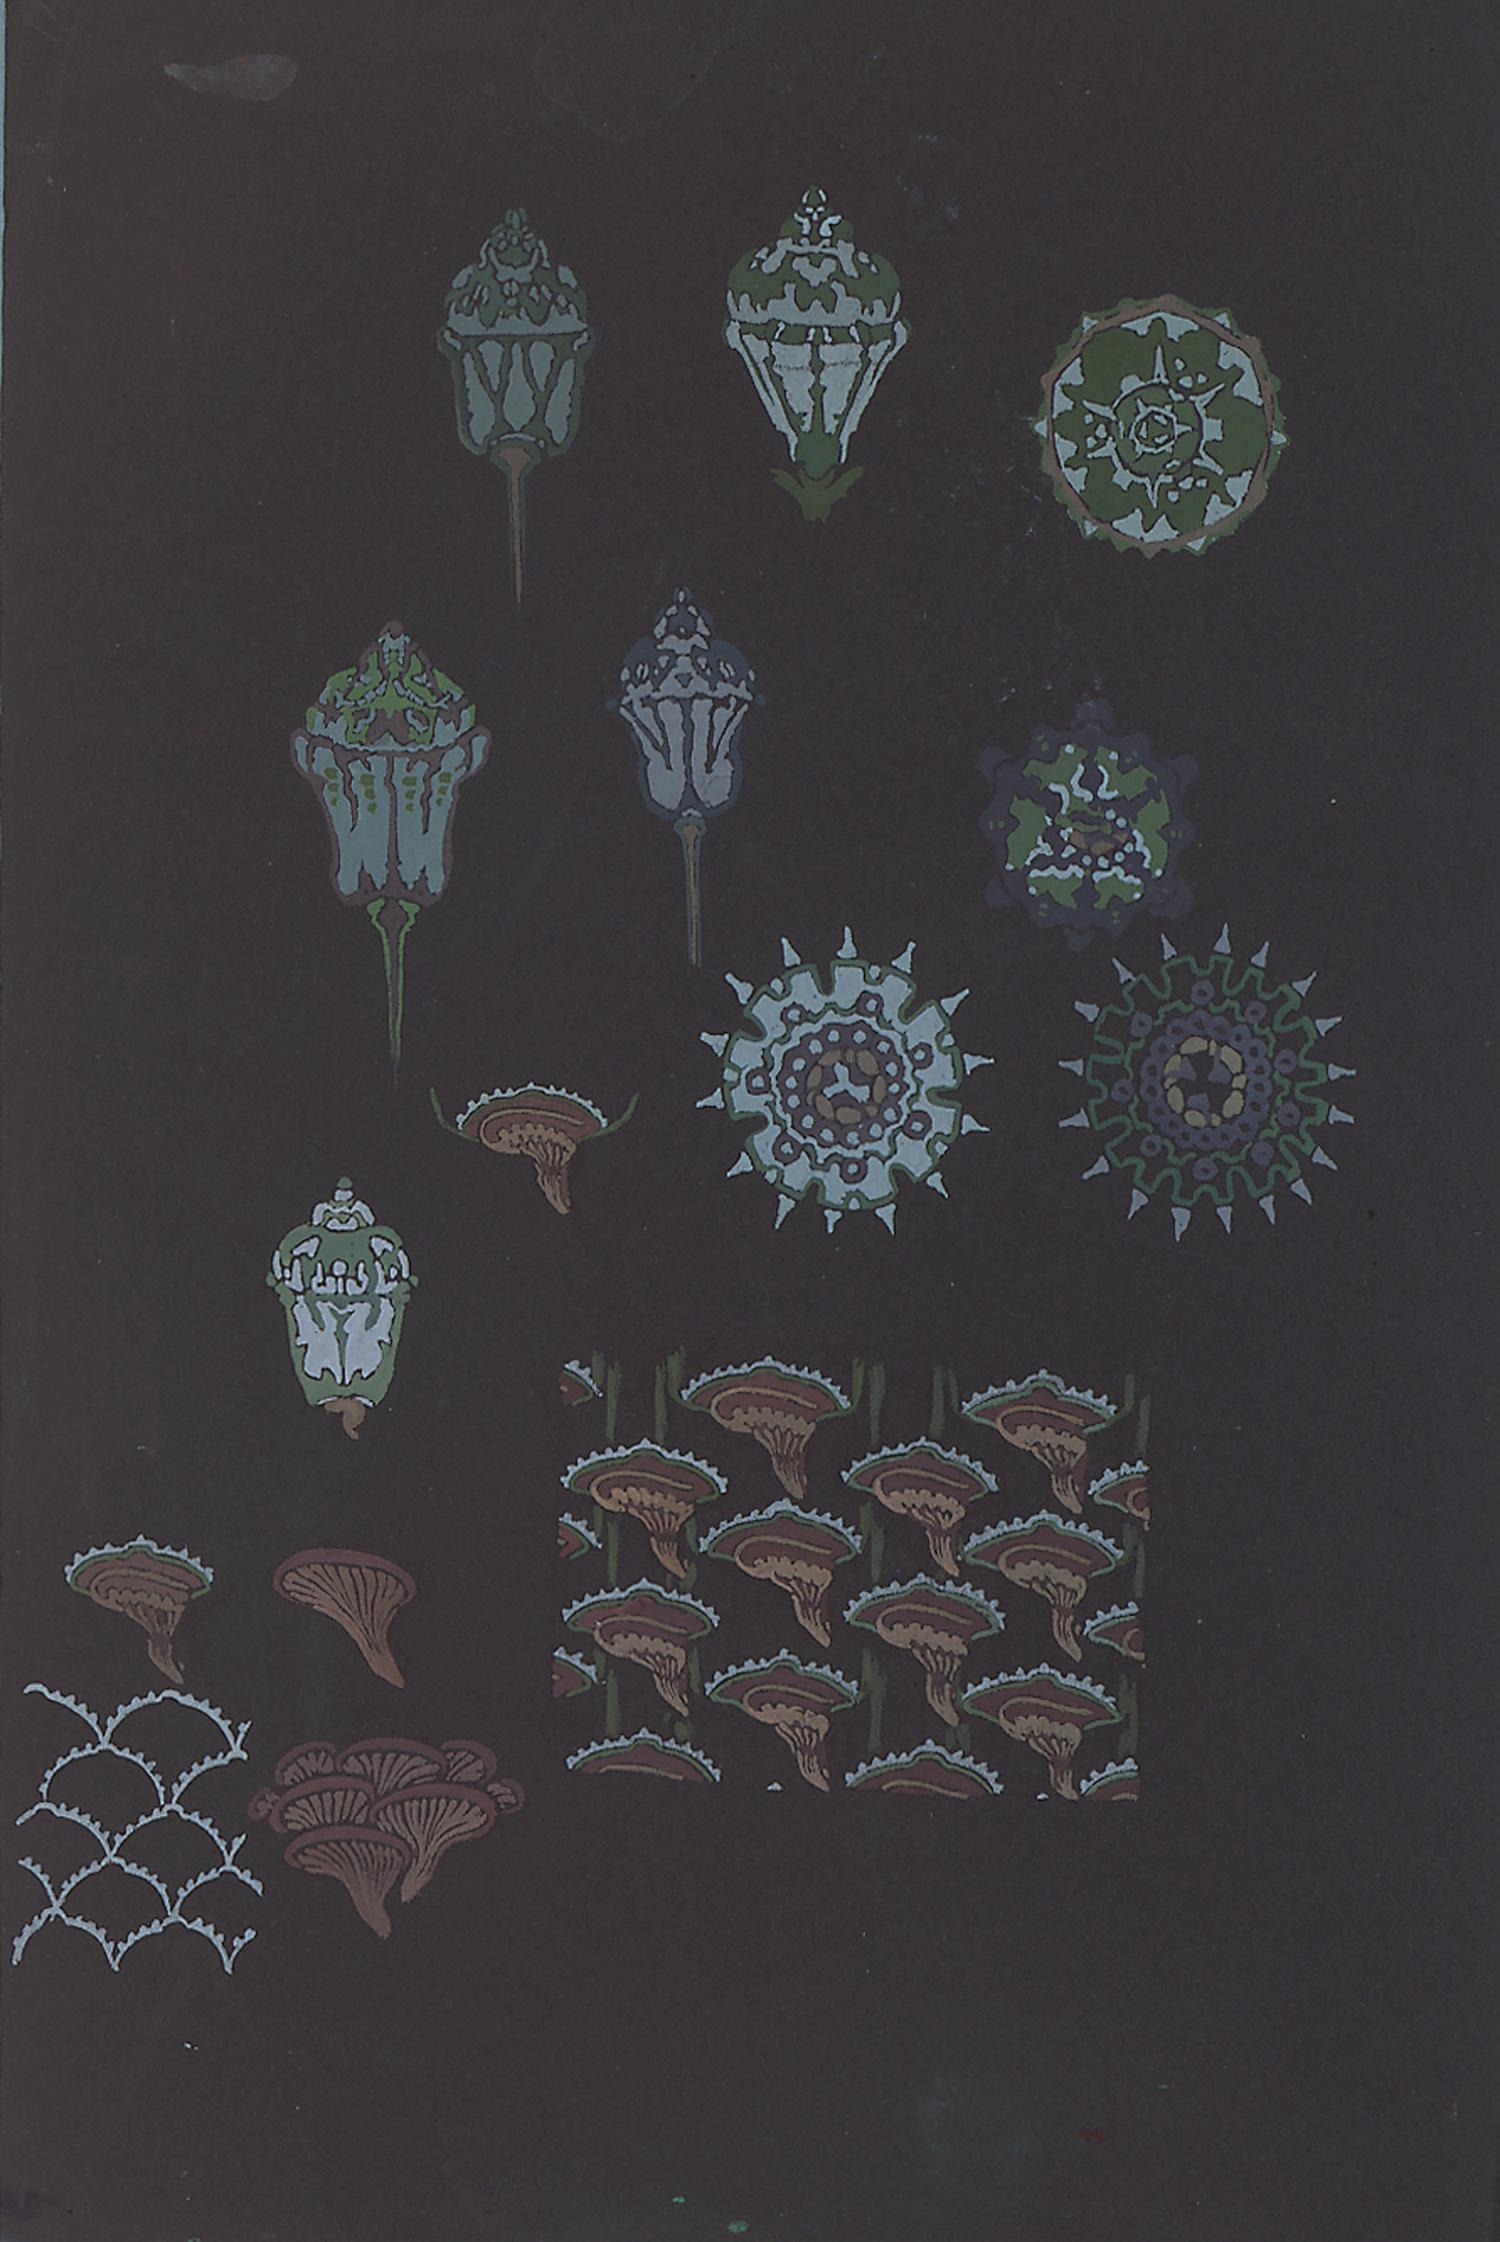 """Anne-Marie Fontaine, French, d. 1940, Design for Sèvres Porcelain, c. 1930, gouache, 21 x 14 1/2"""""""